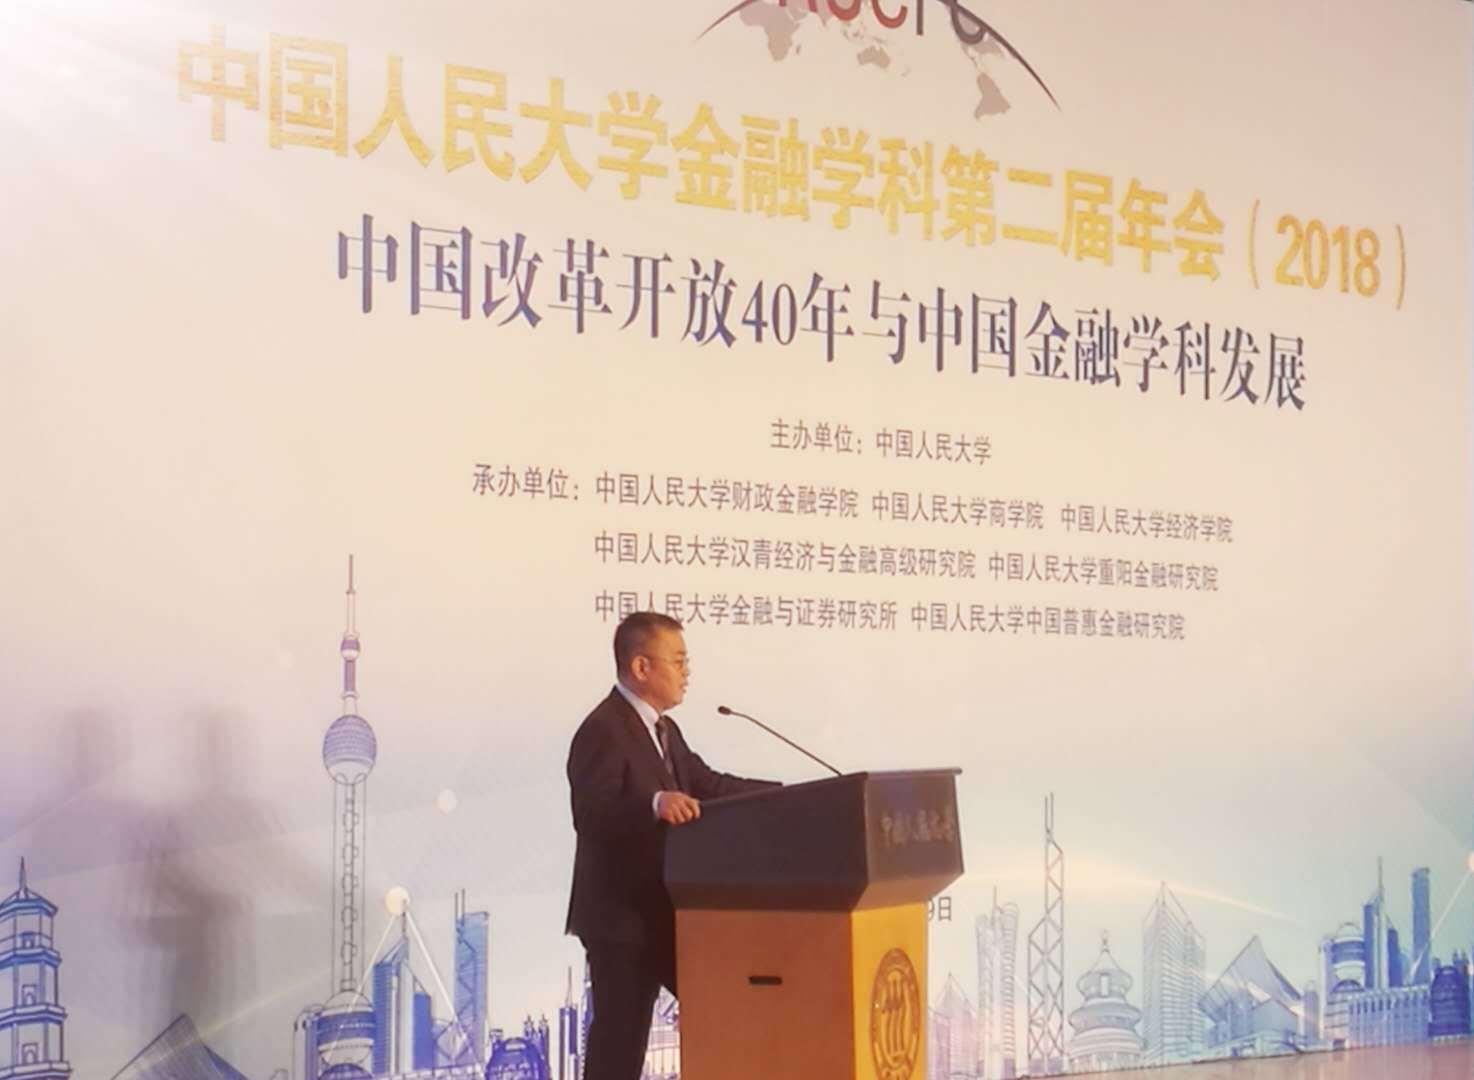 李扬:无节制的金融创新,加速了金融对实体经济的疏远